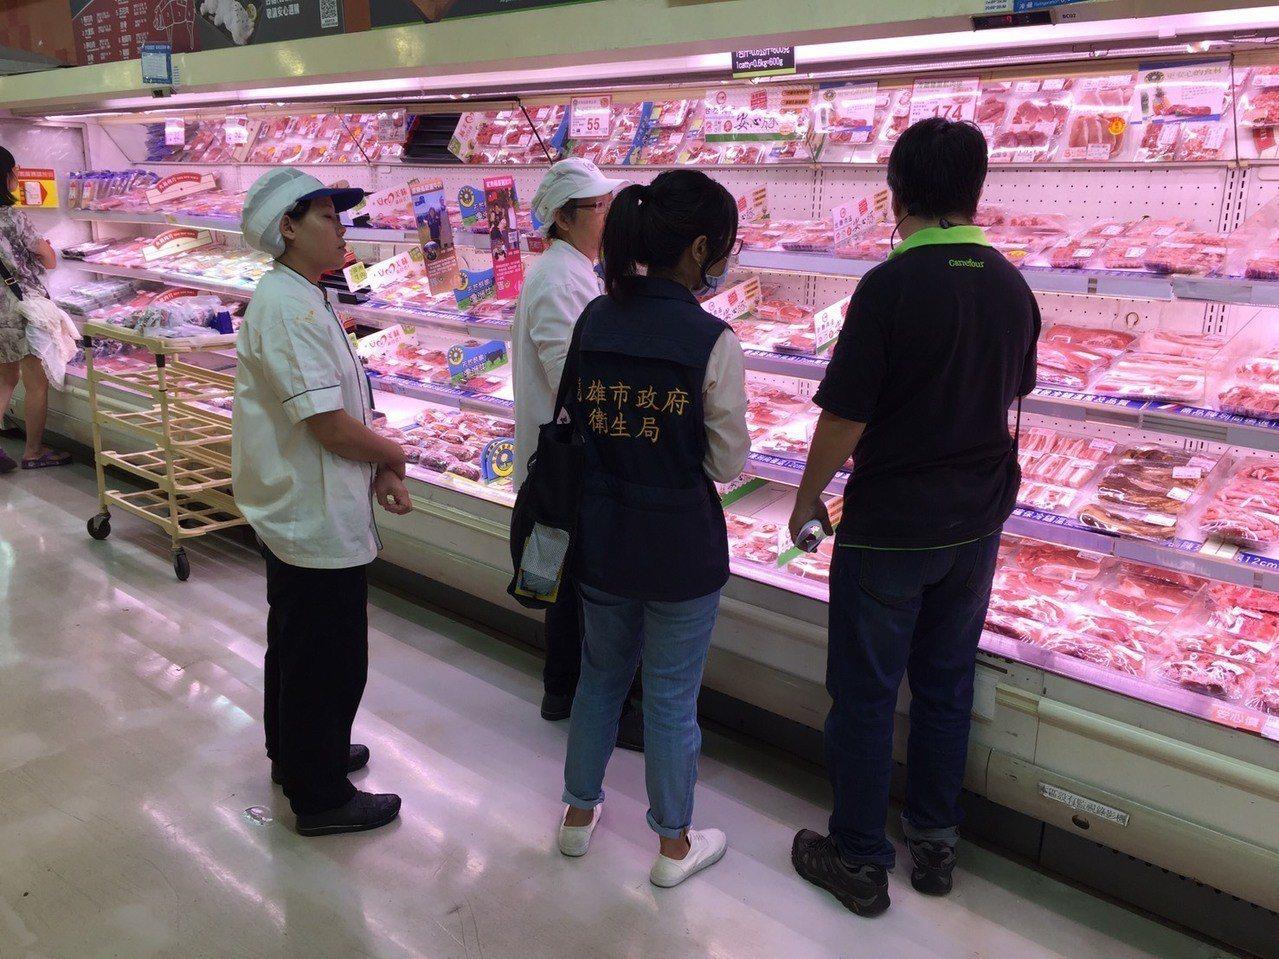 高雄市衛生局針對轄內傳統市場、超市、量販店、盤商與餐廳,執行禽畜水產品抽驗。圖/...